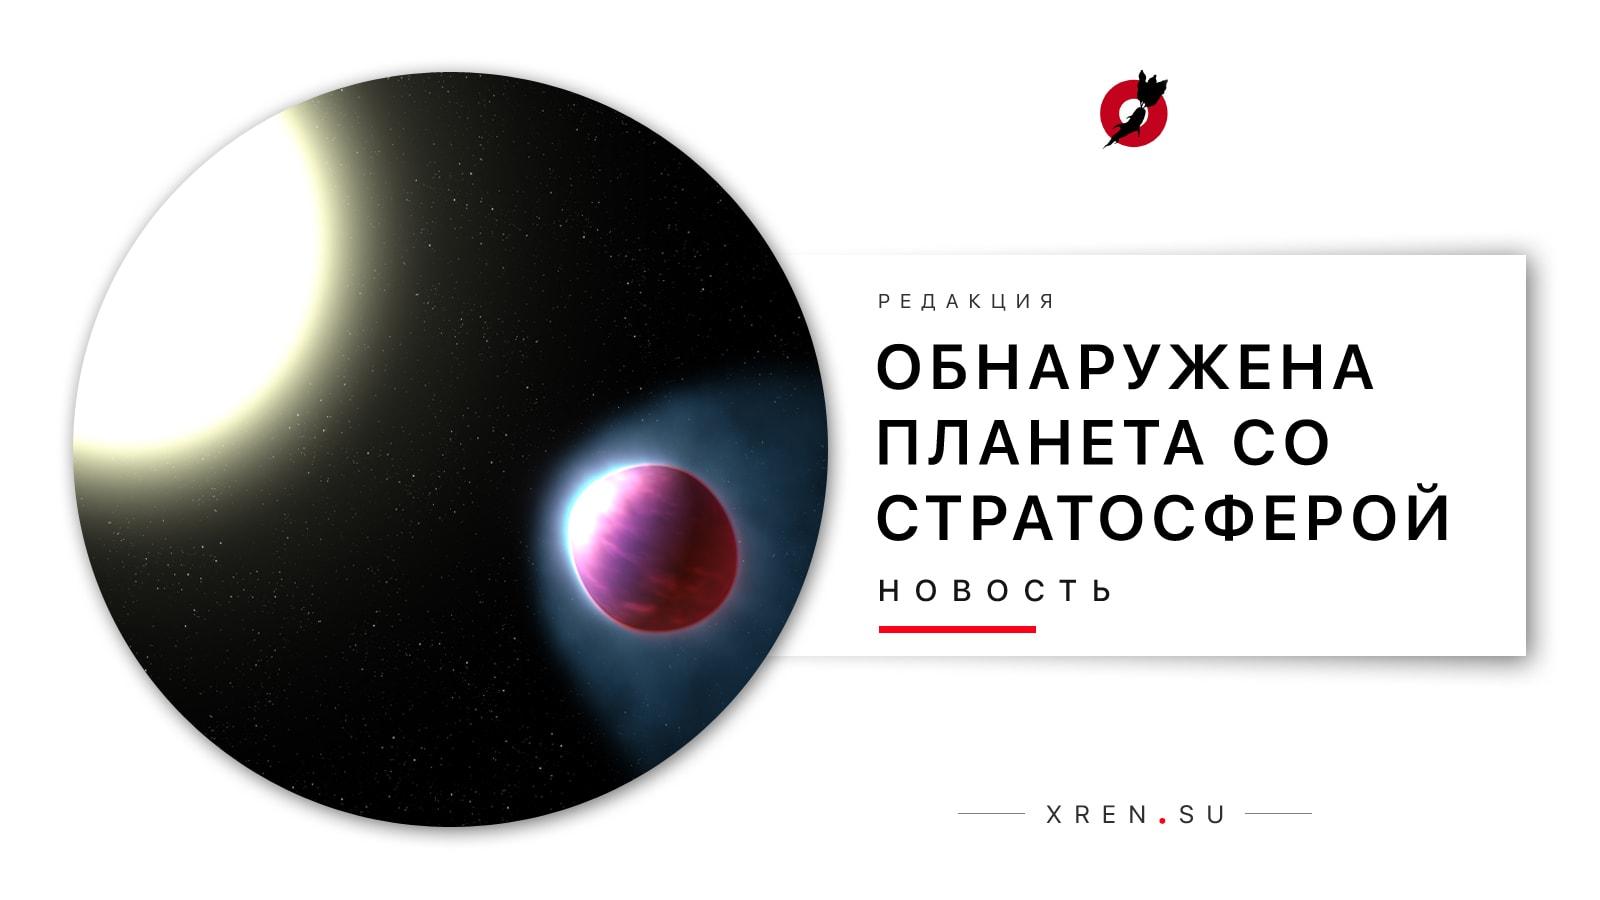 Обнаружена планета со стратосферой